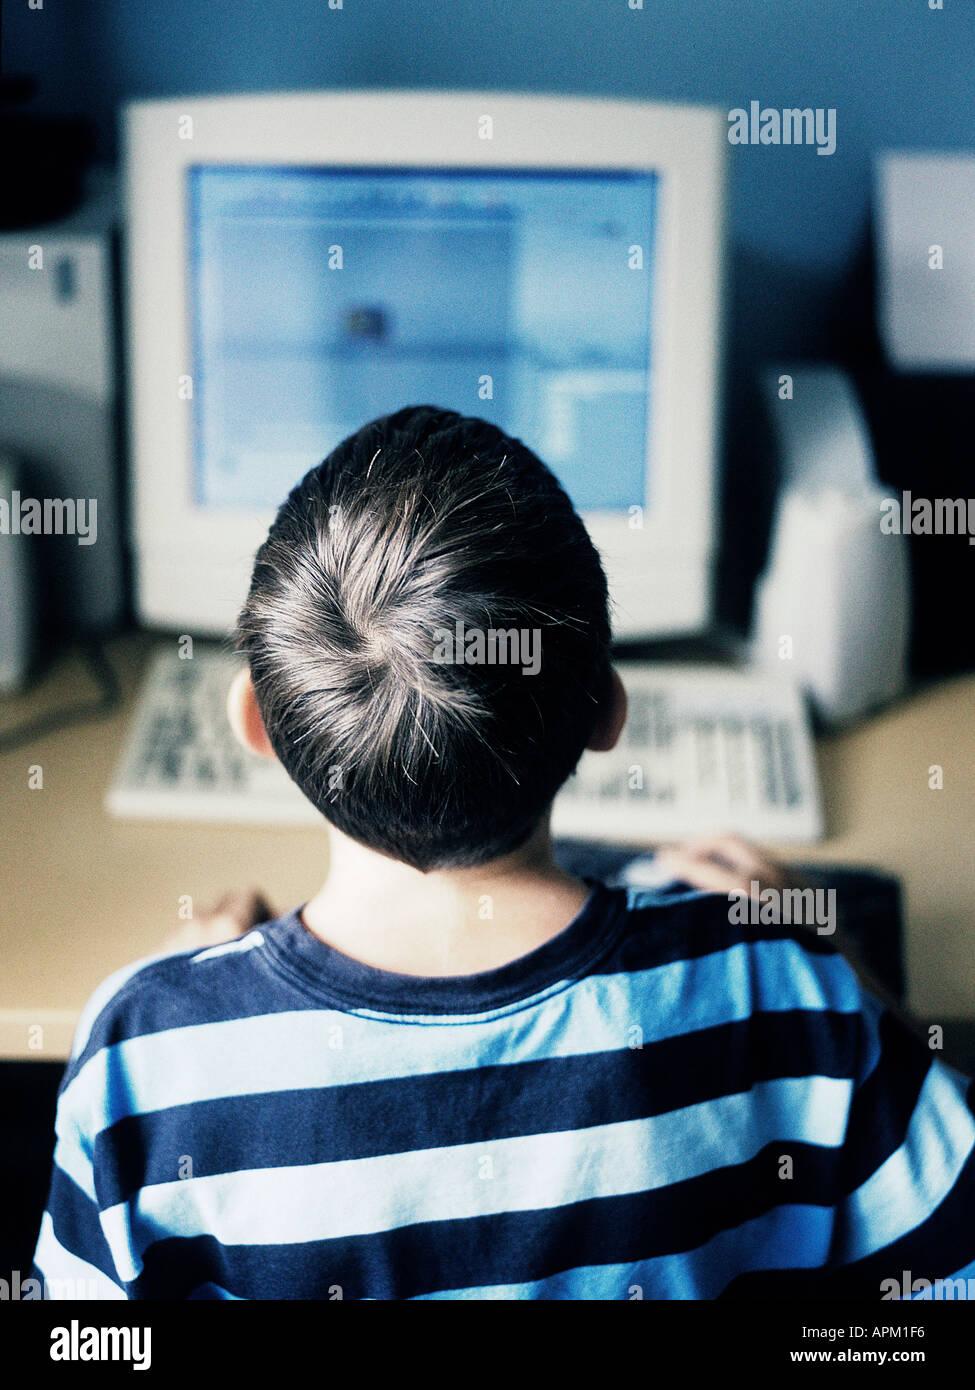 Vista trasera de un niño utilizando un ordenador Imagen De Stock